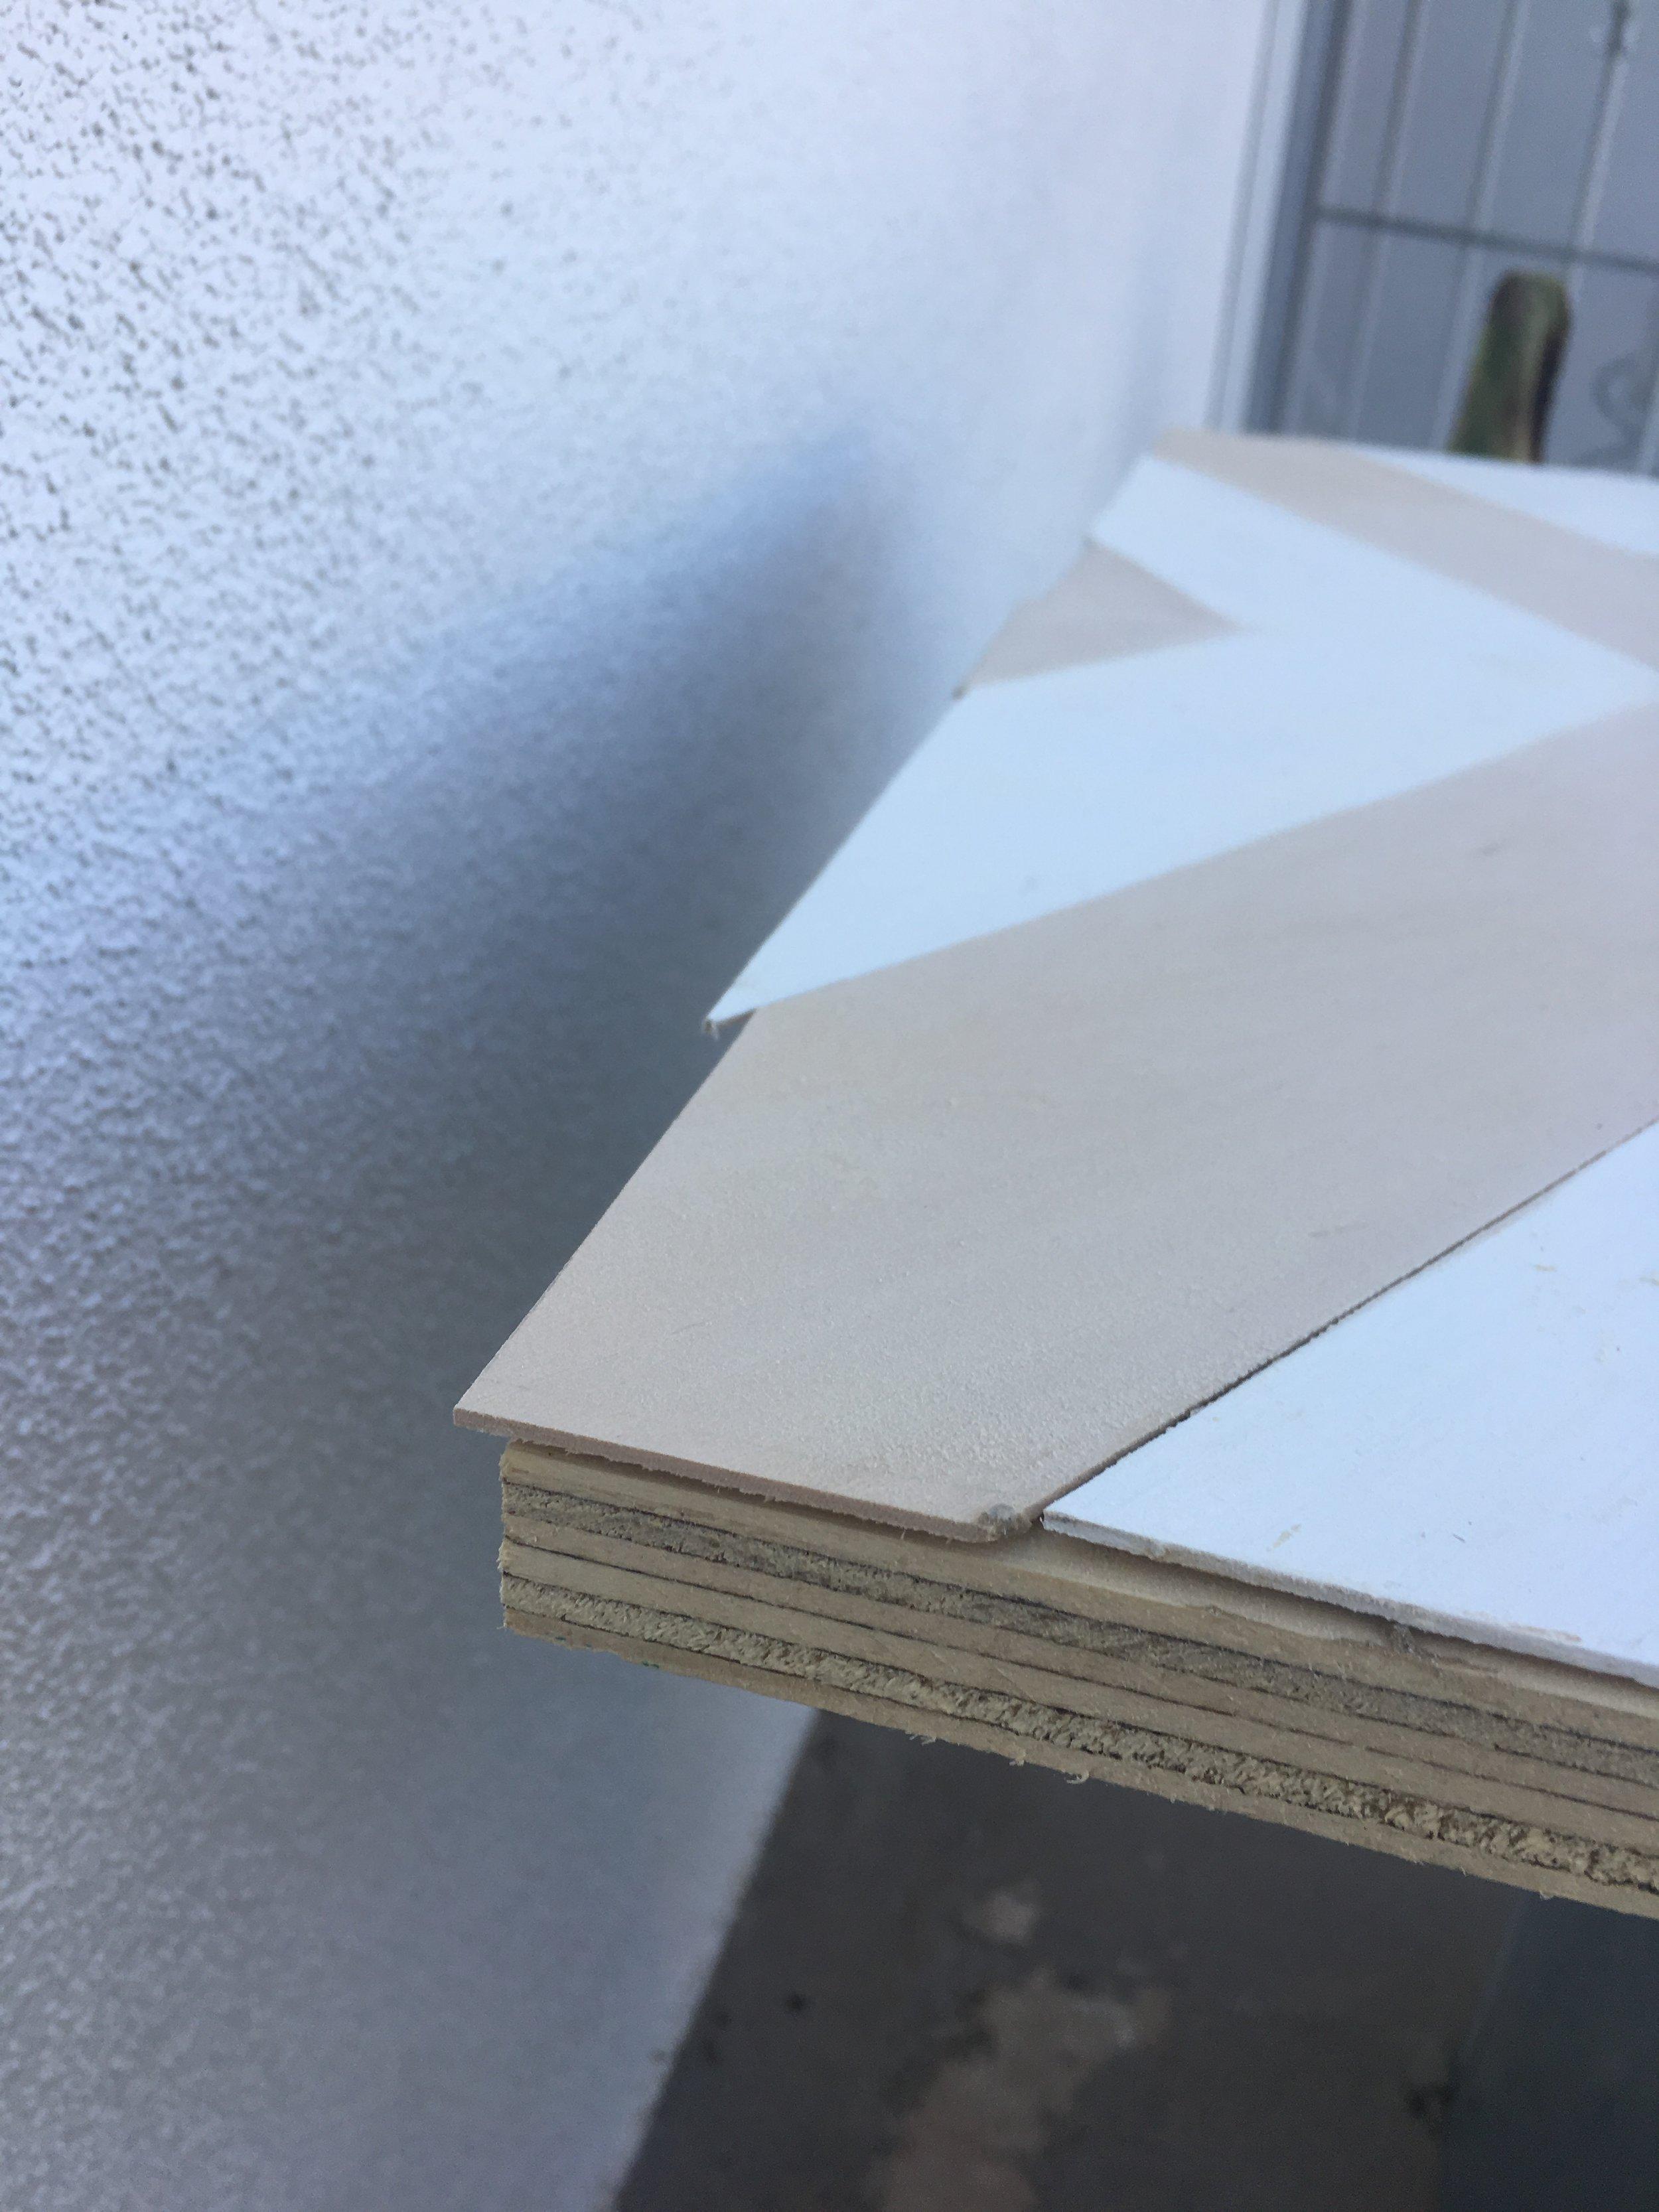 Overhang of pieces needing sanding